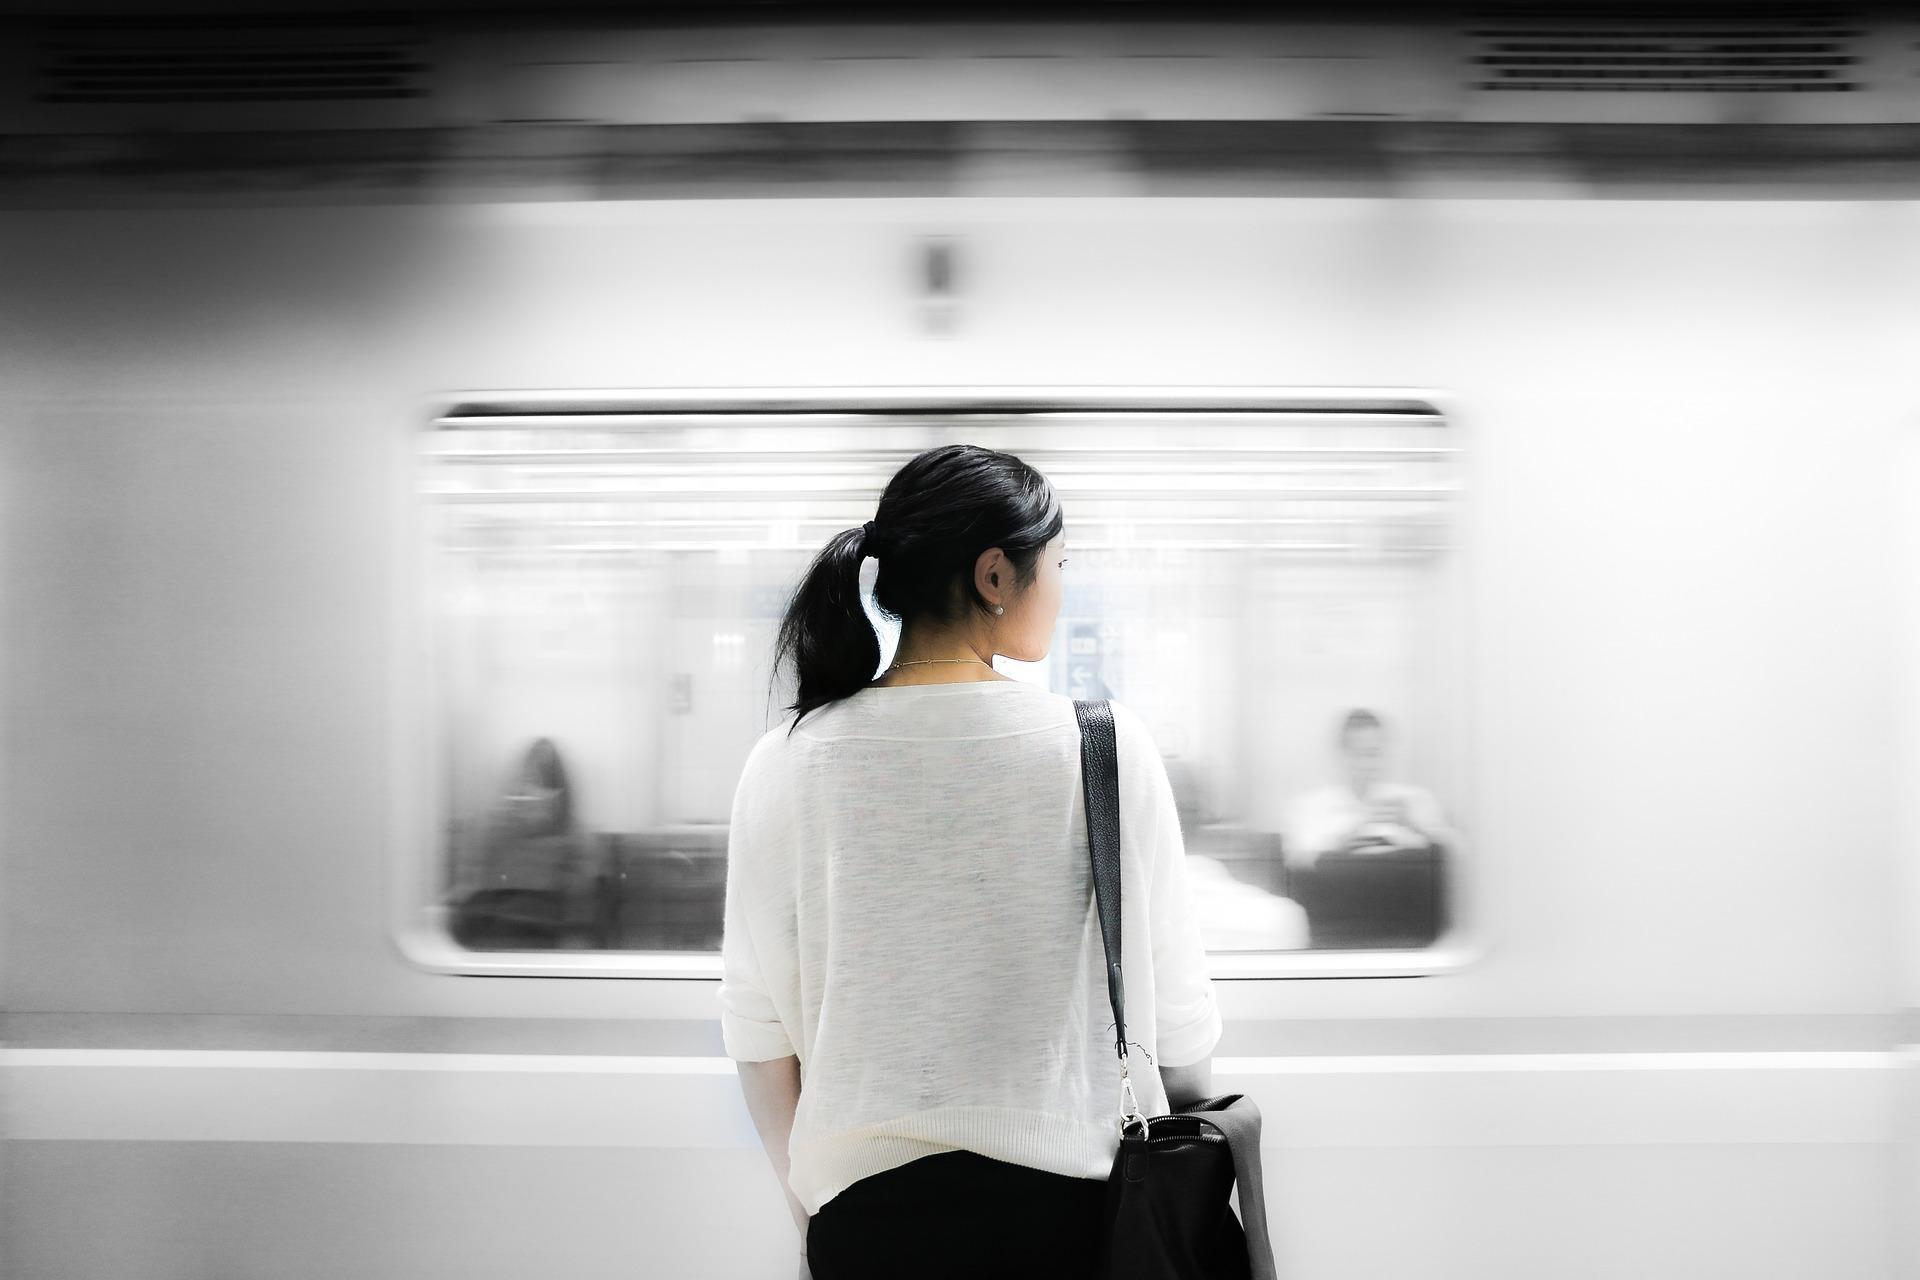 Metrô deve indenizar passageiro assaltado em estação